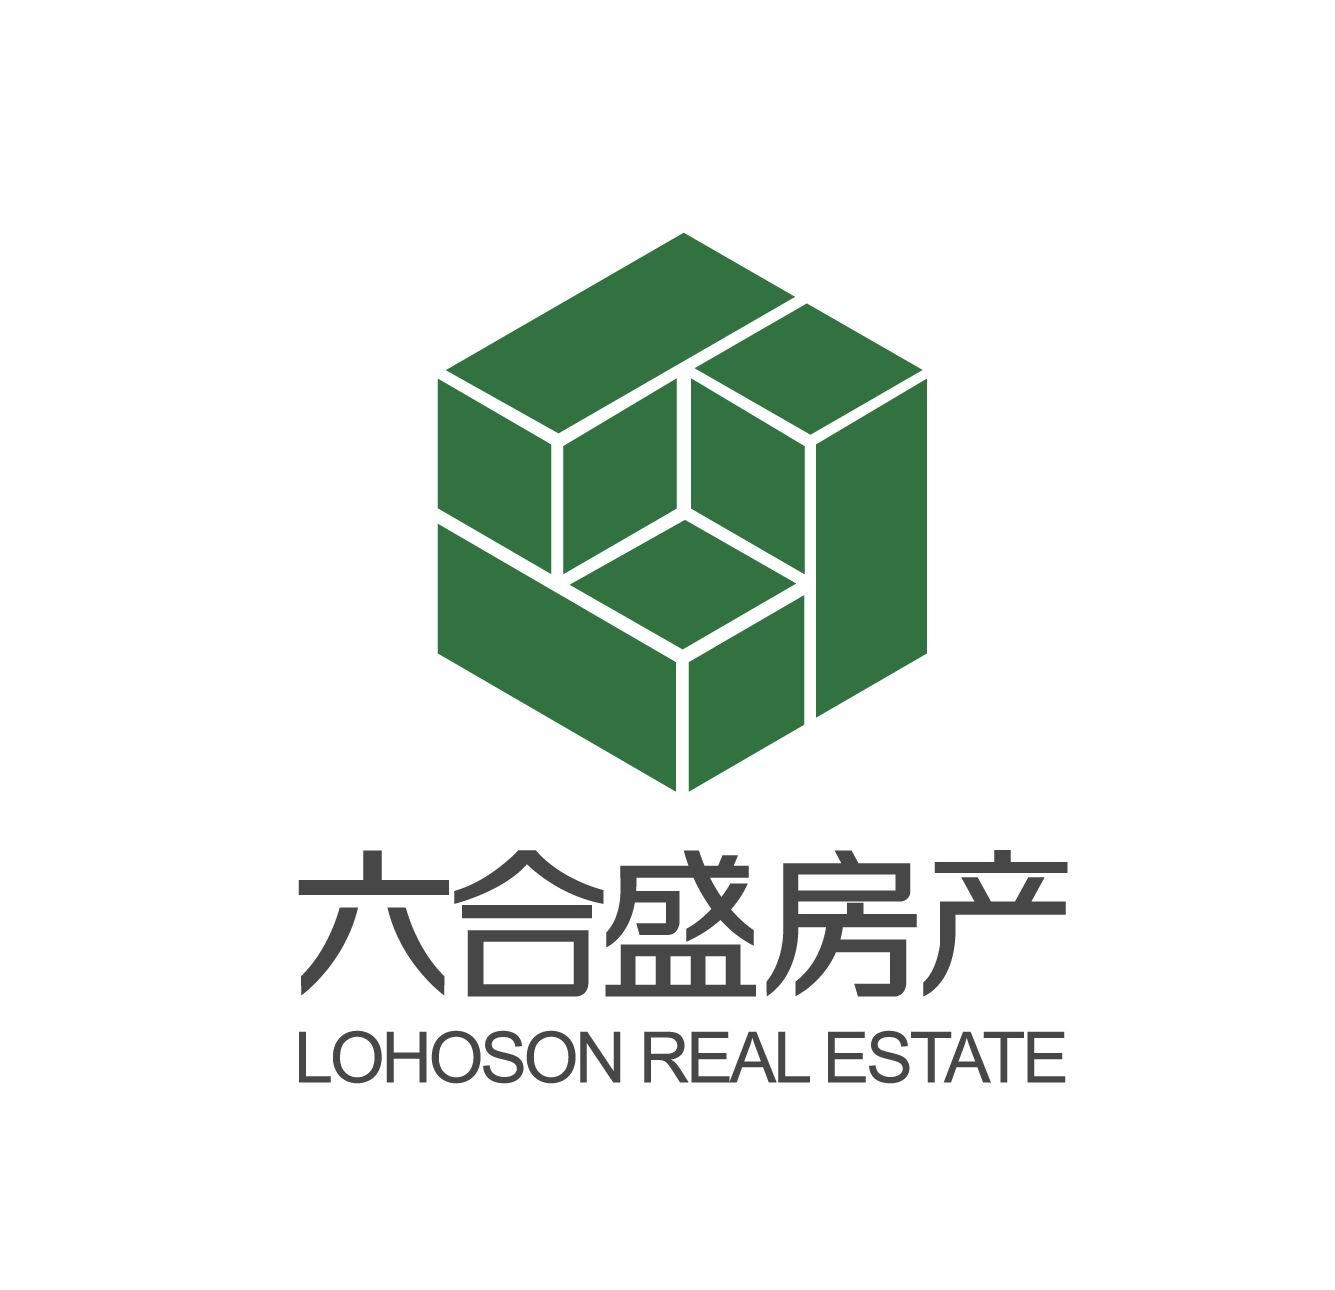 浙江六合盛房地产开发有限公司